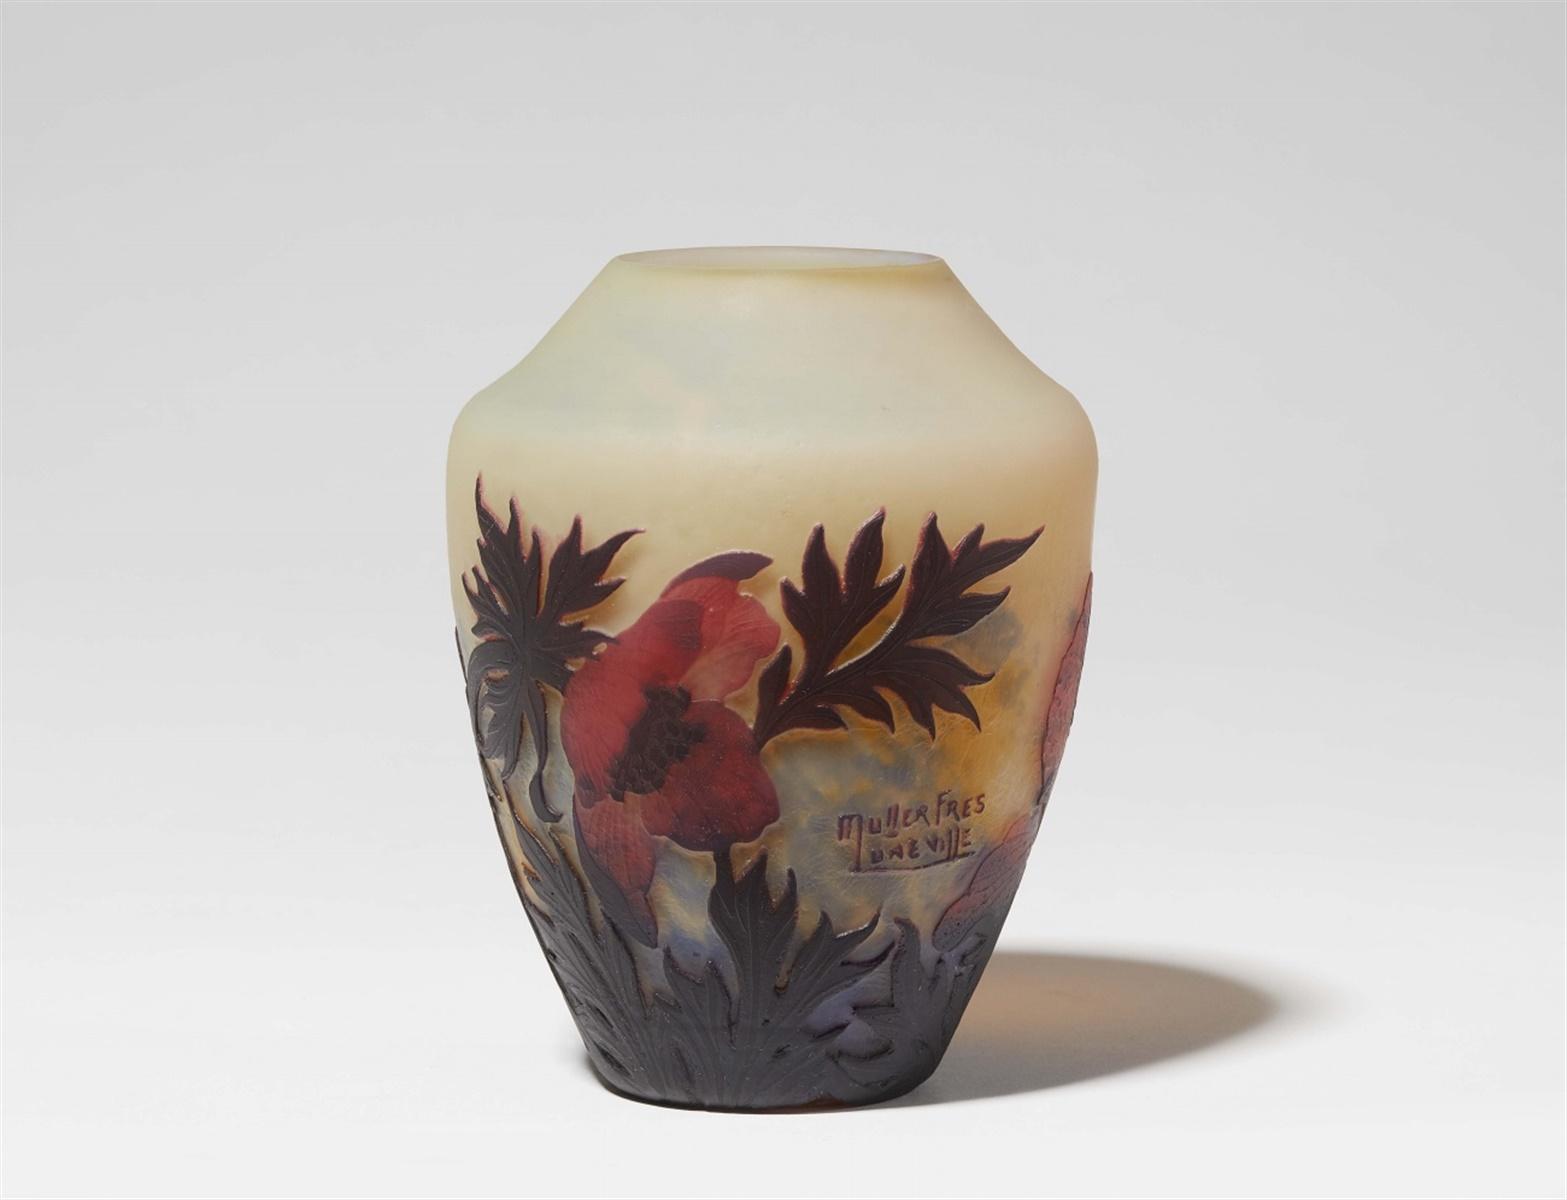 Lot 26 - Vase coquelicotMatt geätztes, gelb unterfangenes Glas mit hellblauen Pulvereinschmelzungen, rotem